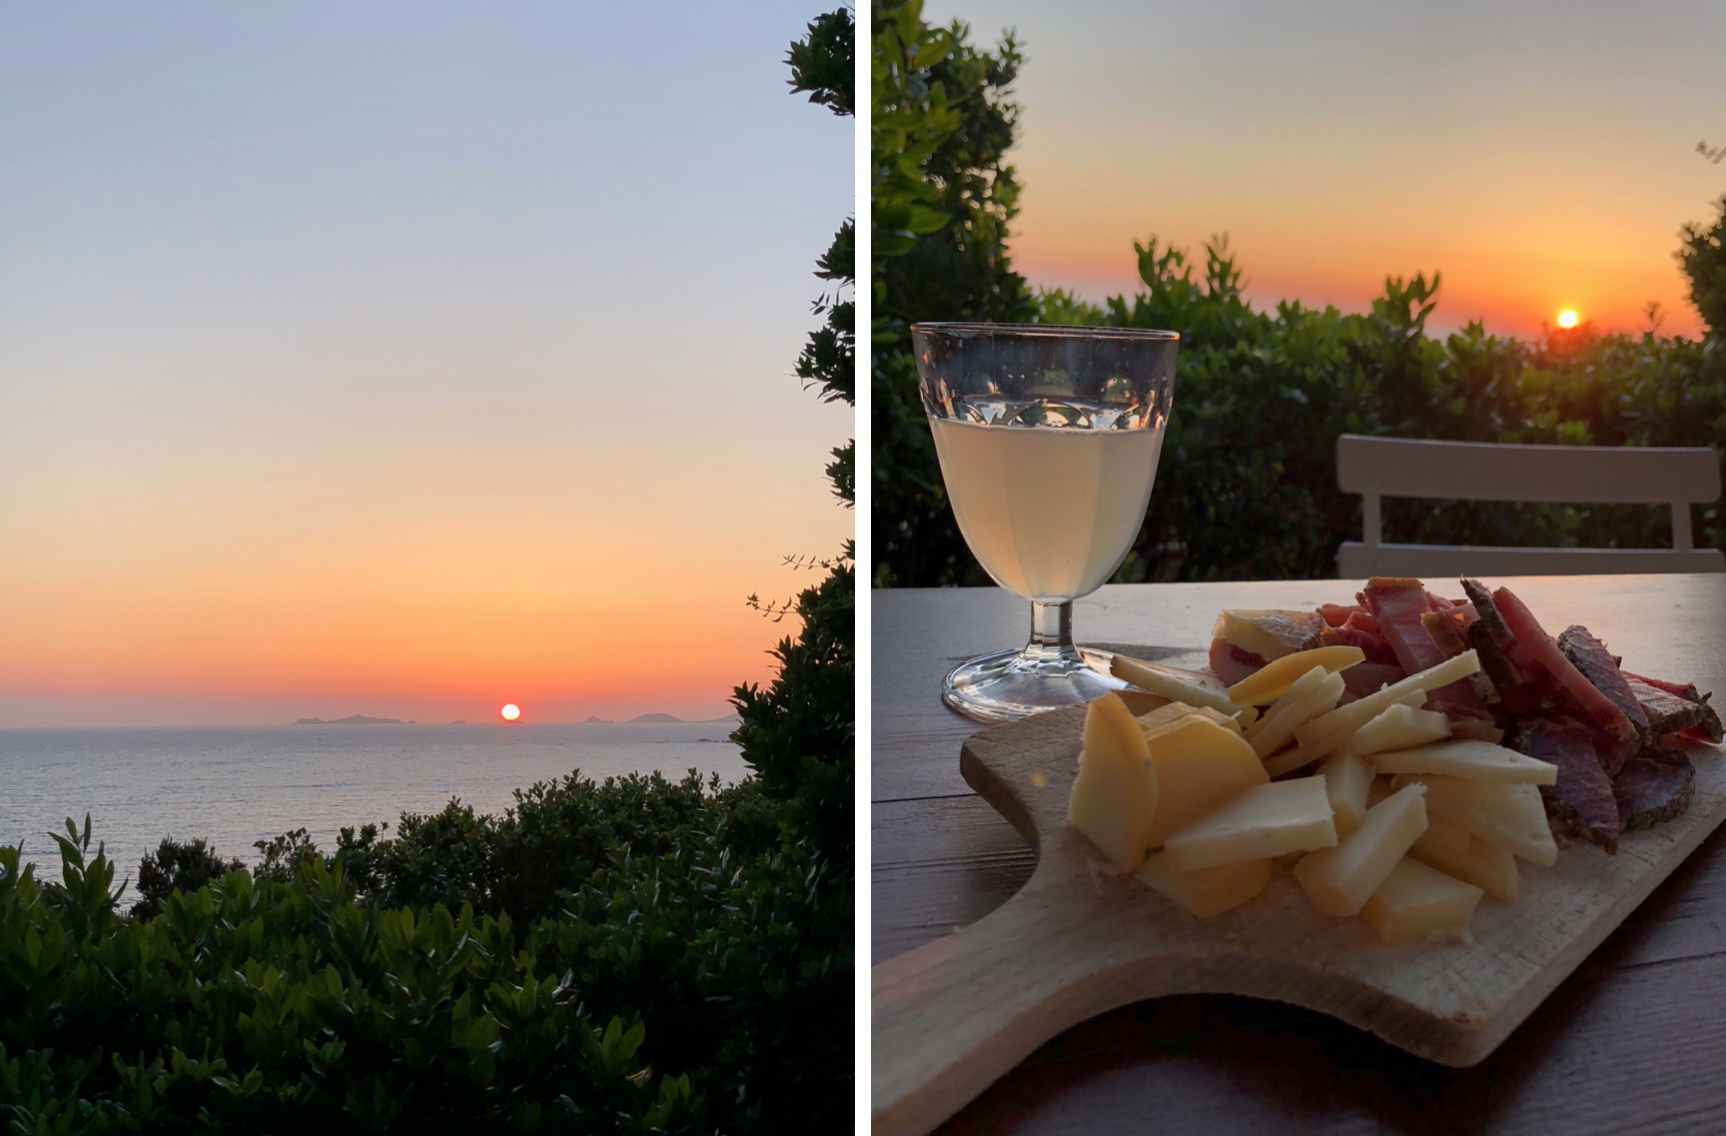 blog-mode-lifestyle-beaute-deco-cuisine-recette-voyage-strasbourg